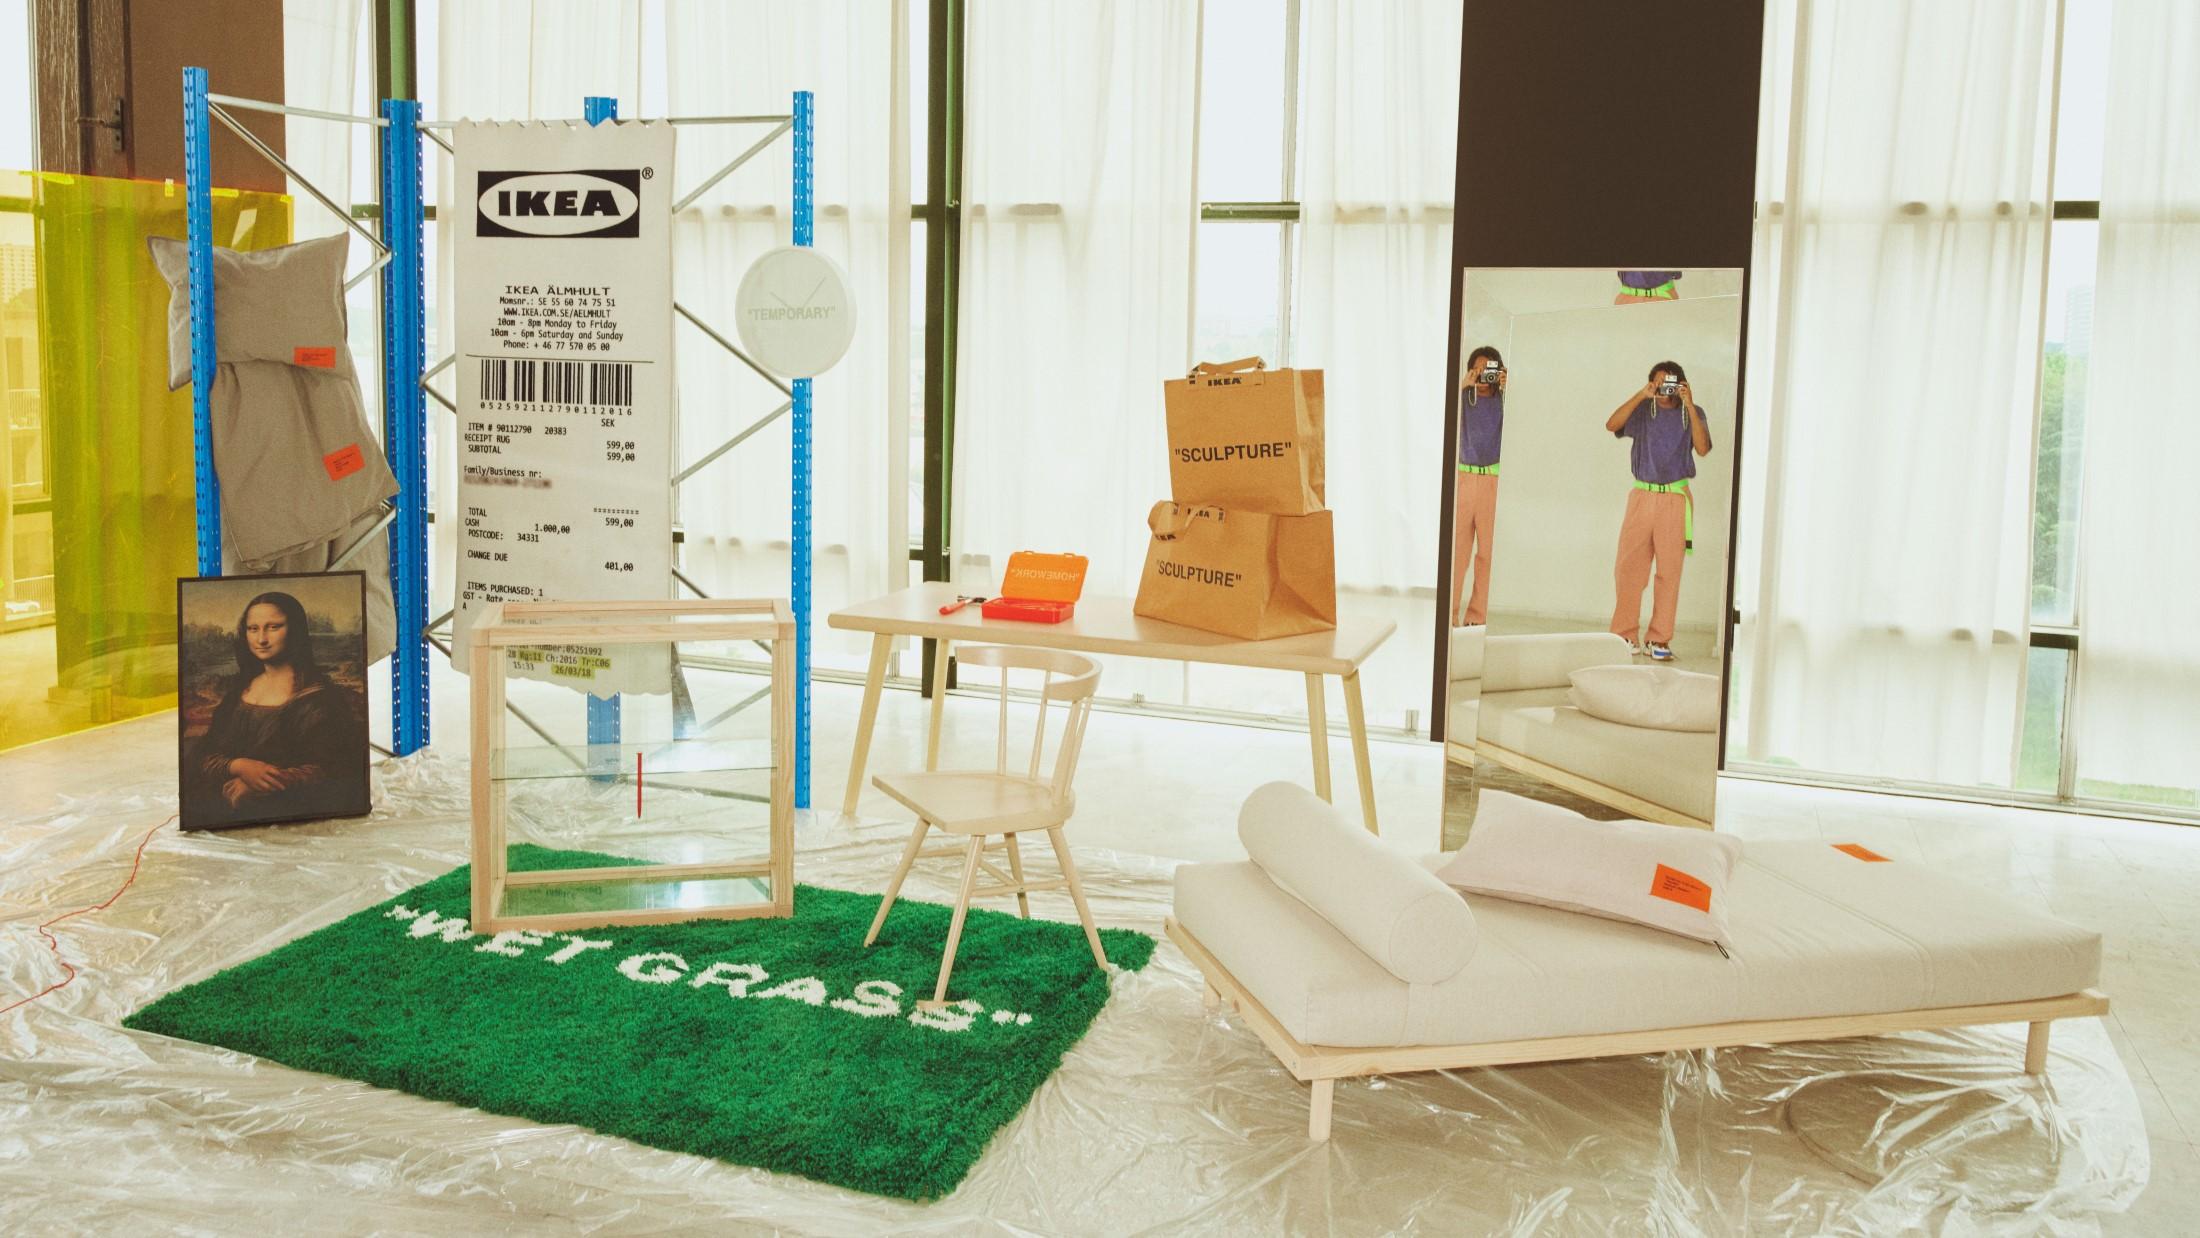 Full Size of Ikea Trendy With Good Betten 160x200 Bei Küche Kosten Modulküche Miniküche Sofa Mit Schlaffunktion Kaufen Wohnzimmer Gartenliege Ikea